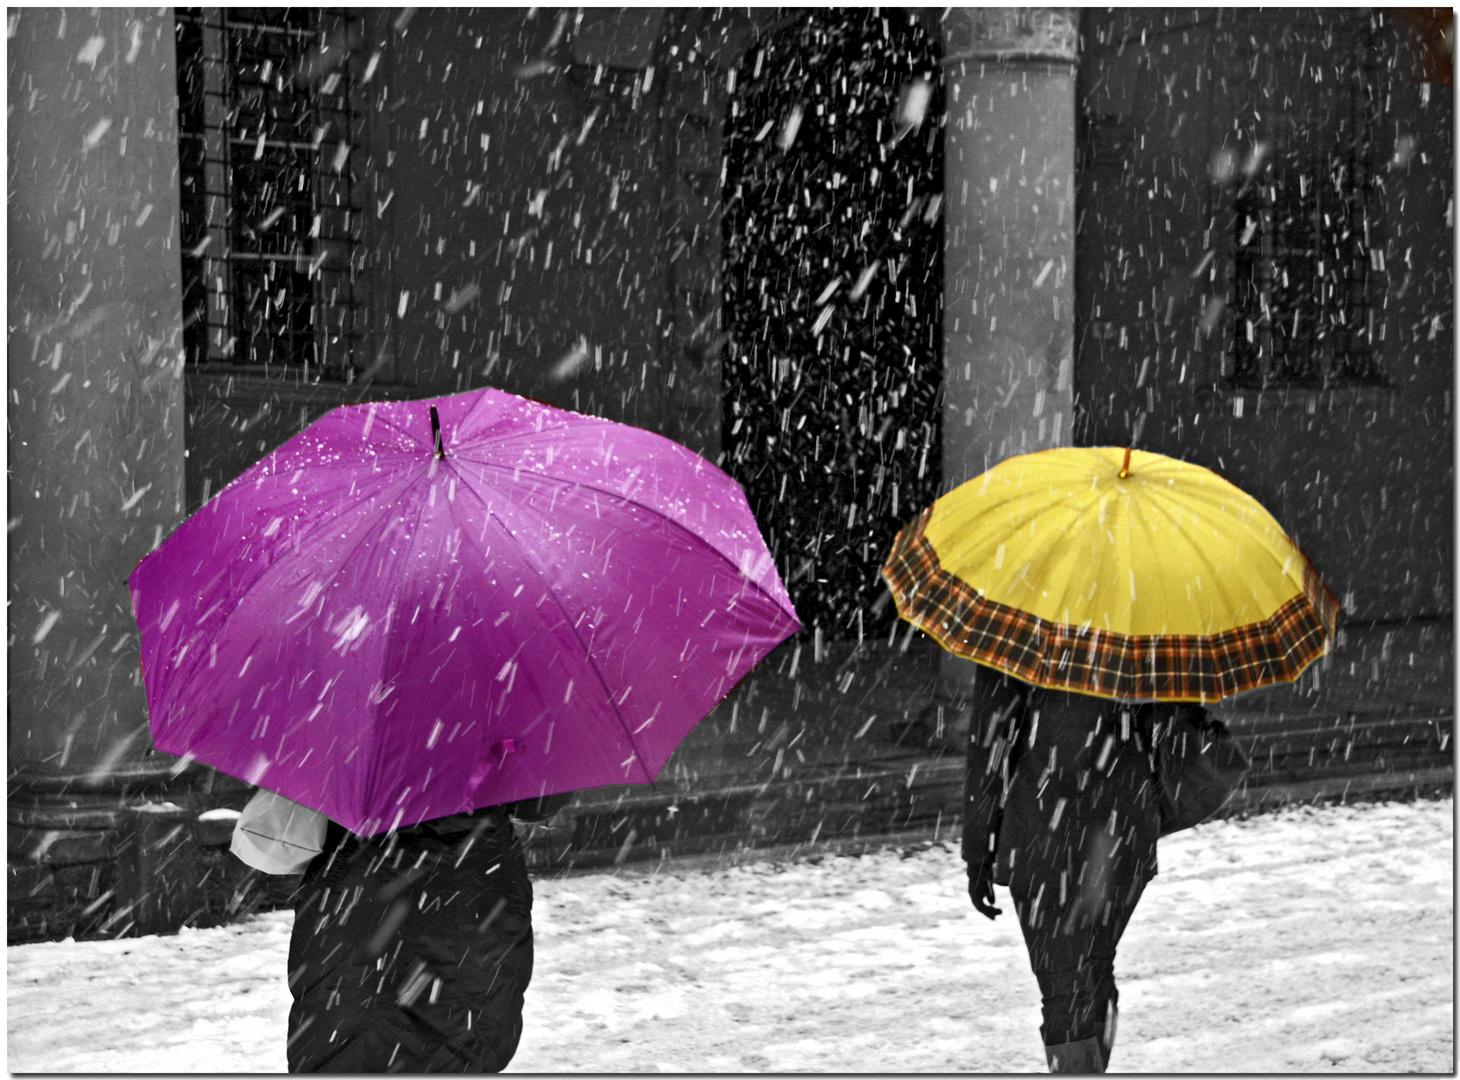 Nevicata alla bolognese XI